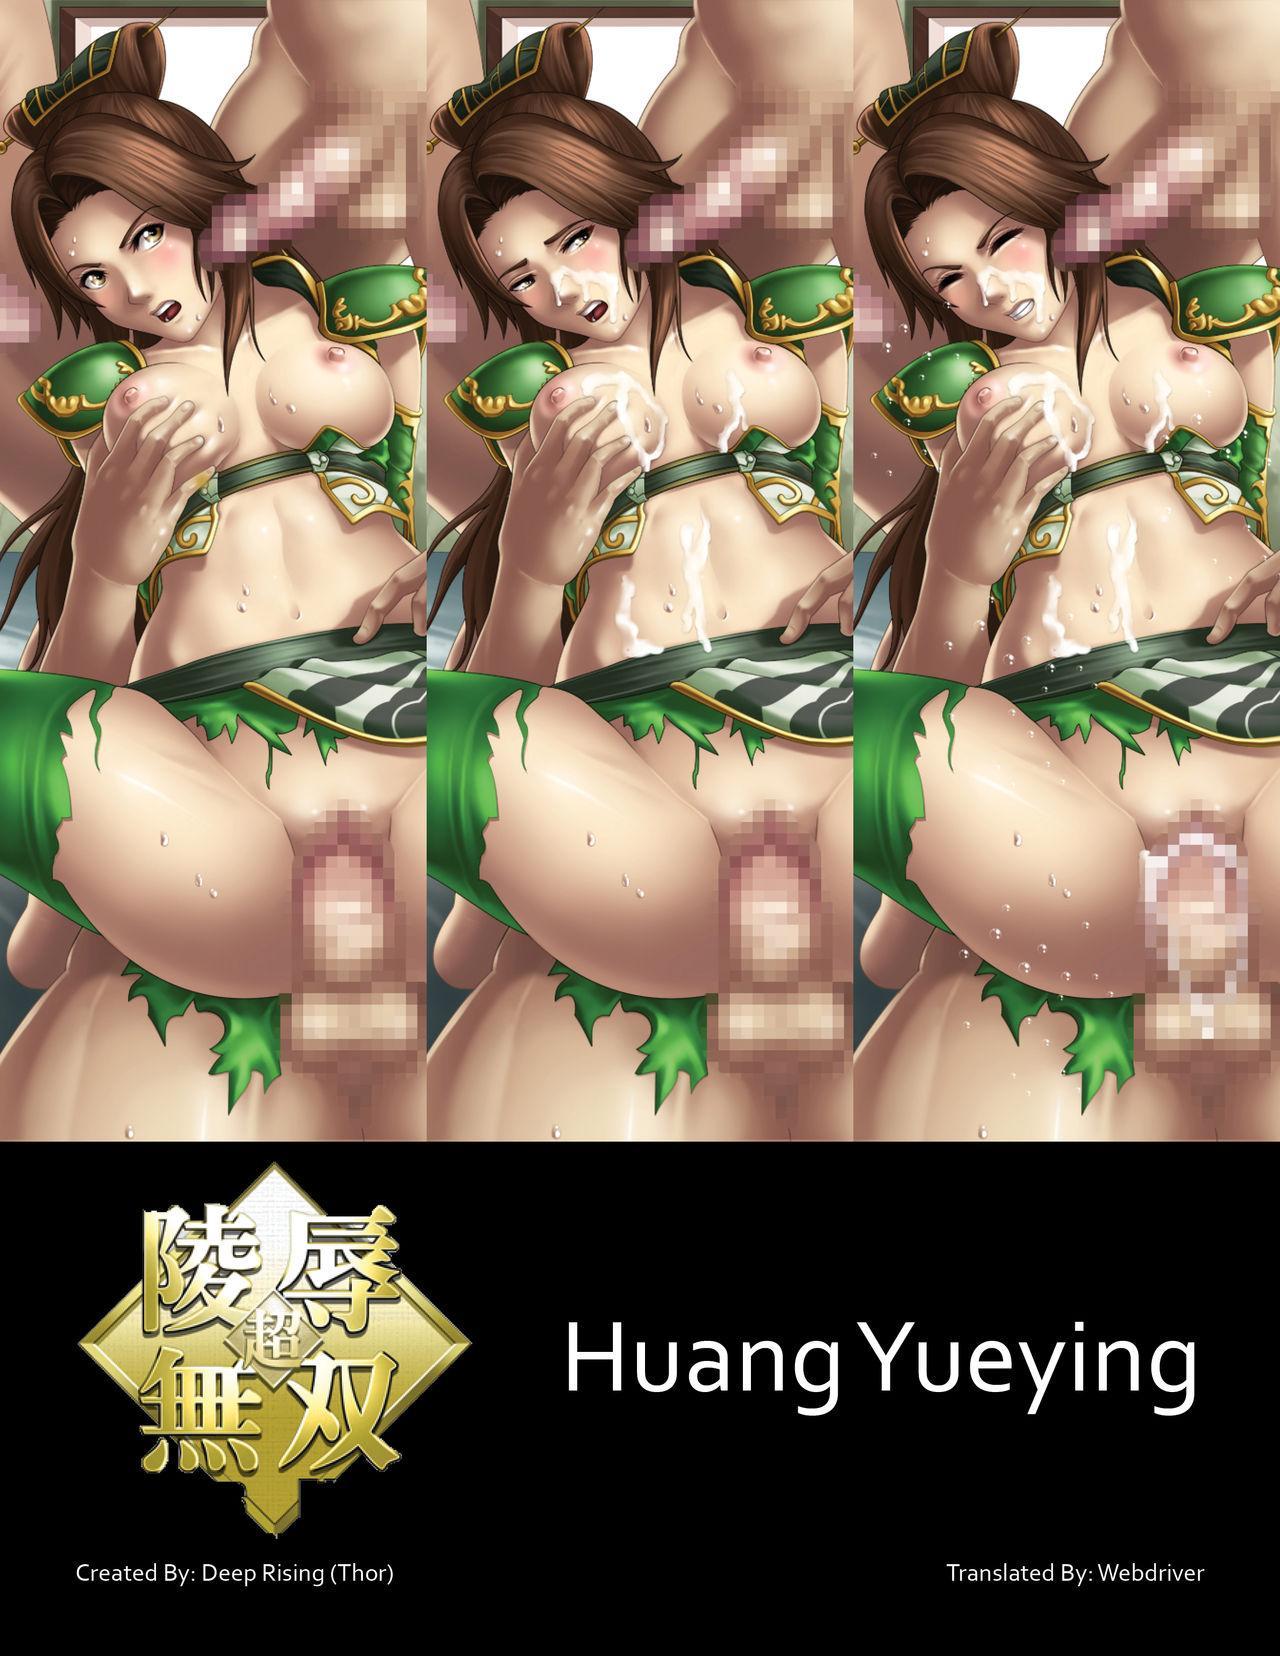 [DEEP RISING (THOR)] Chou Ryoujoku Musou (Dynasty Warriors) Huang Yueying [English] [webdriver] 0